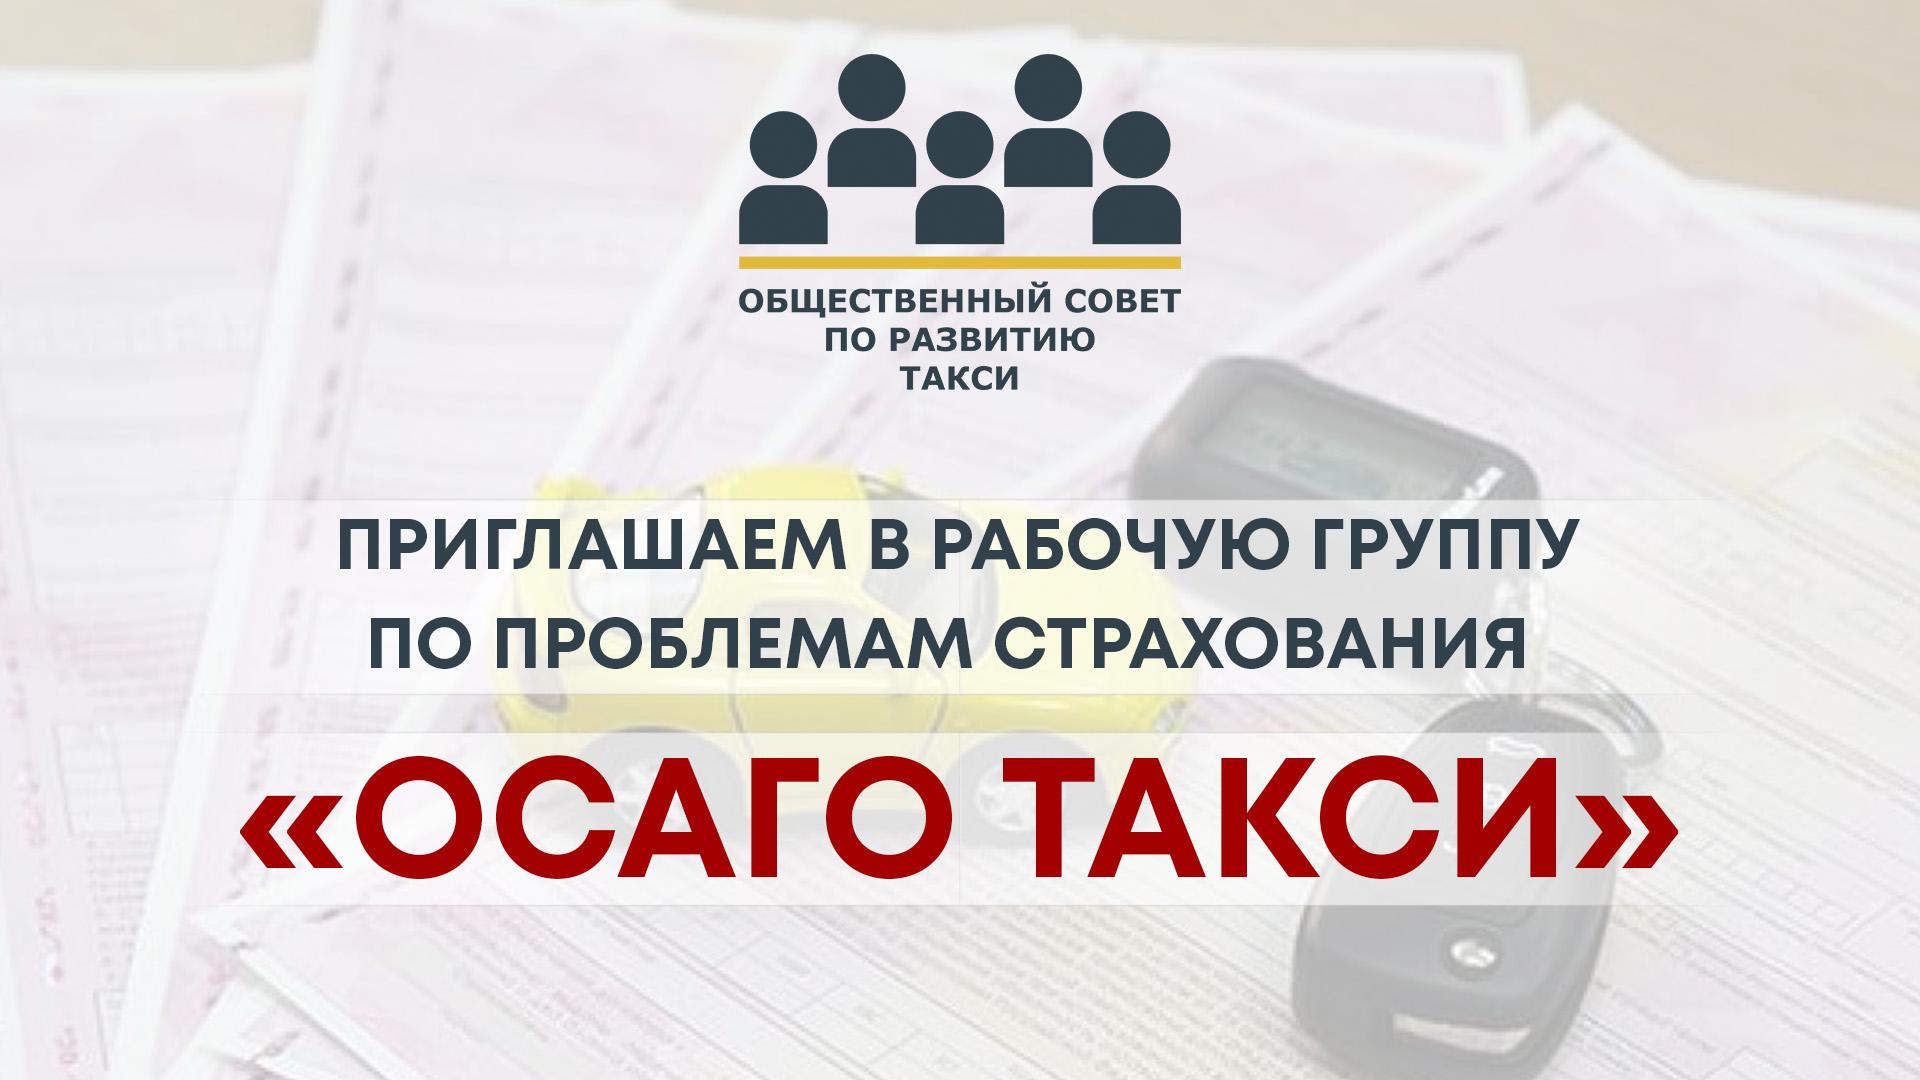 Вступайте в рабочую группу по проблемам страхования автомобилей такси